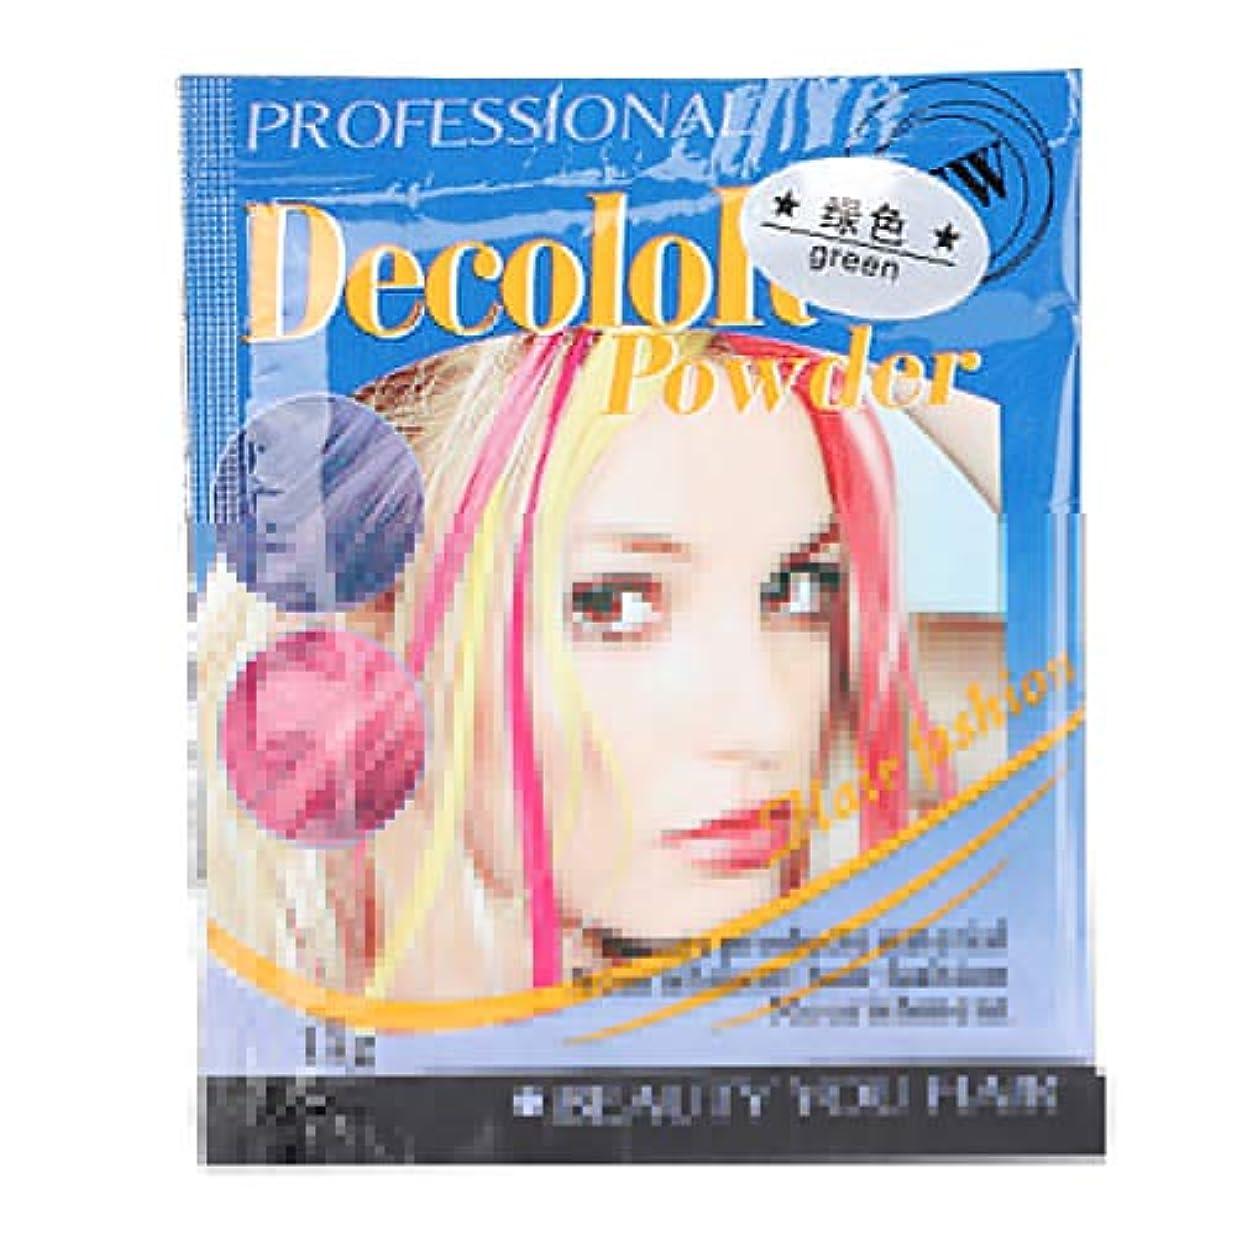 小康ソファー不誠実30pcs漂白パウダーヘアライターヘアブリーチパウダーキットのライトニングパウダー(# 1)